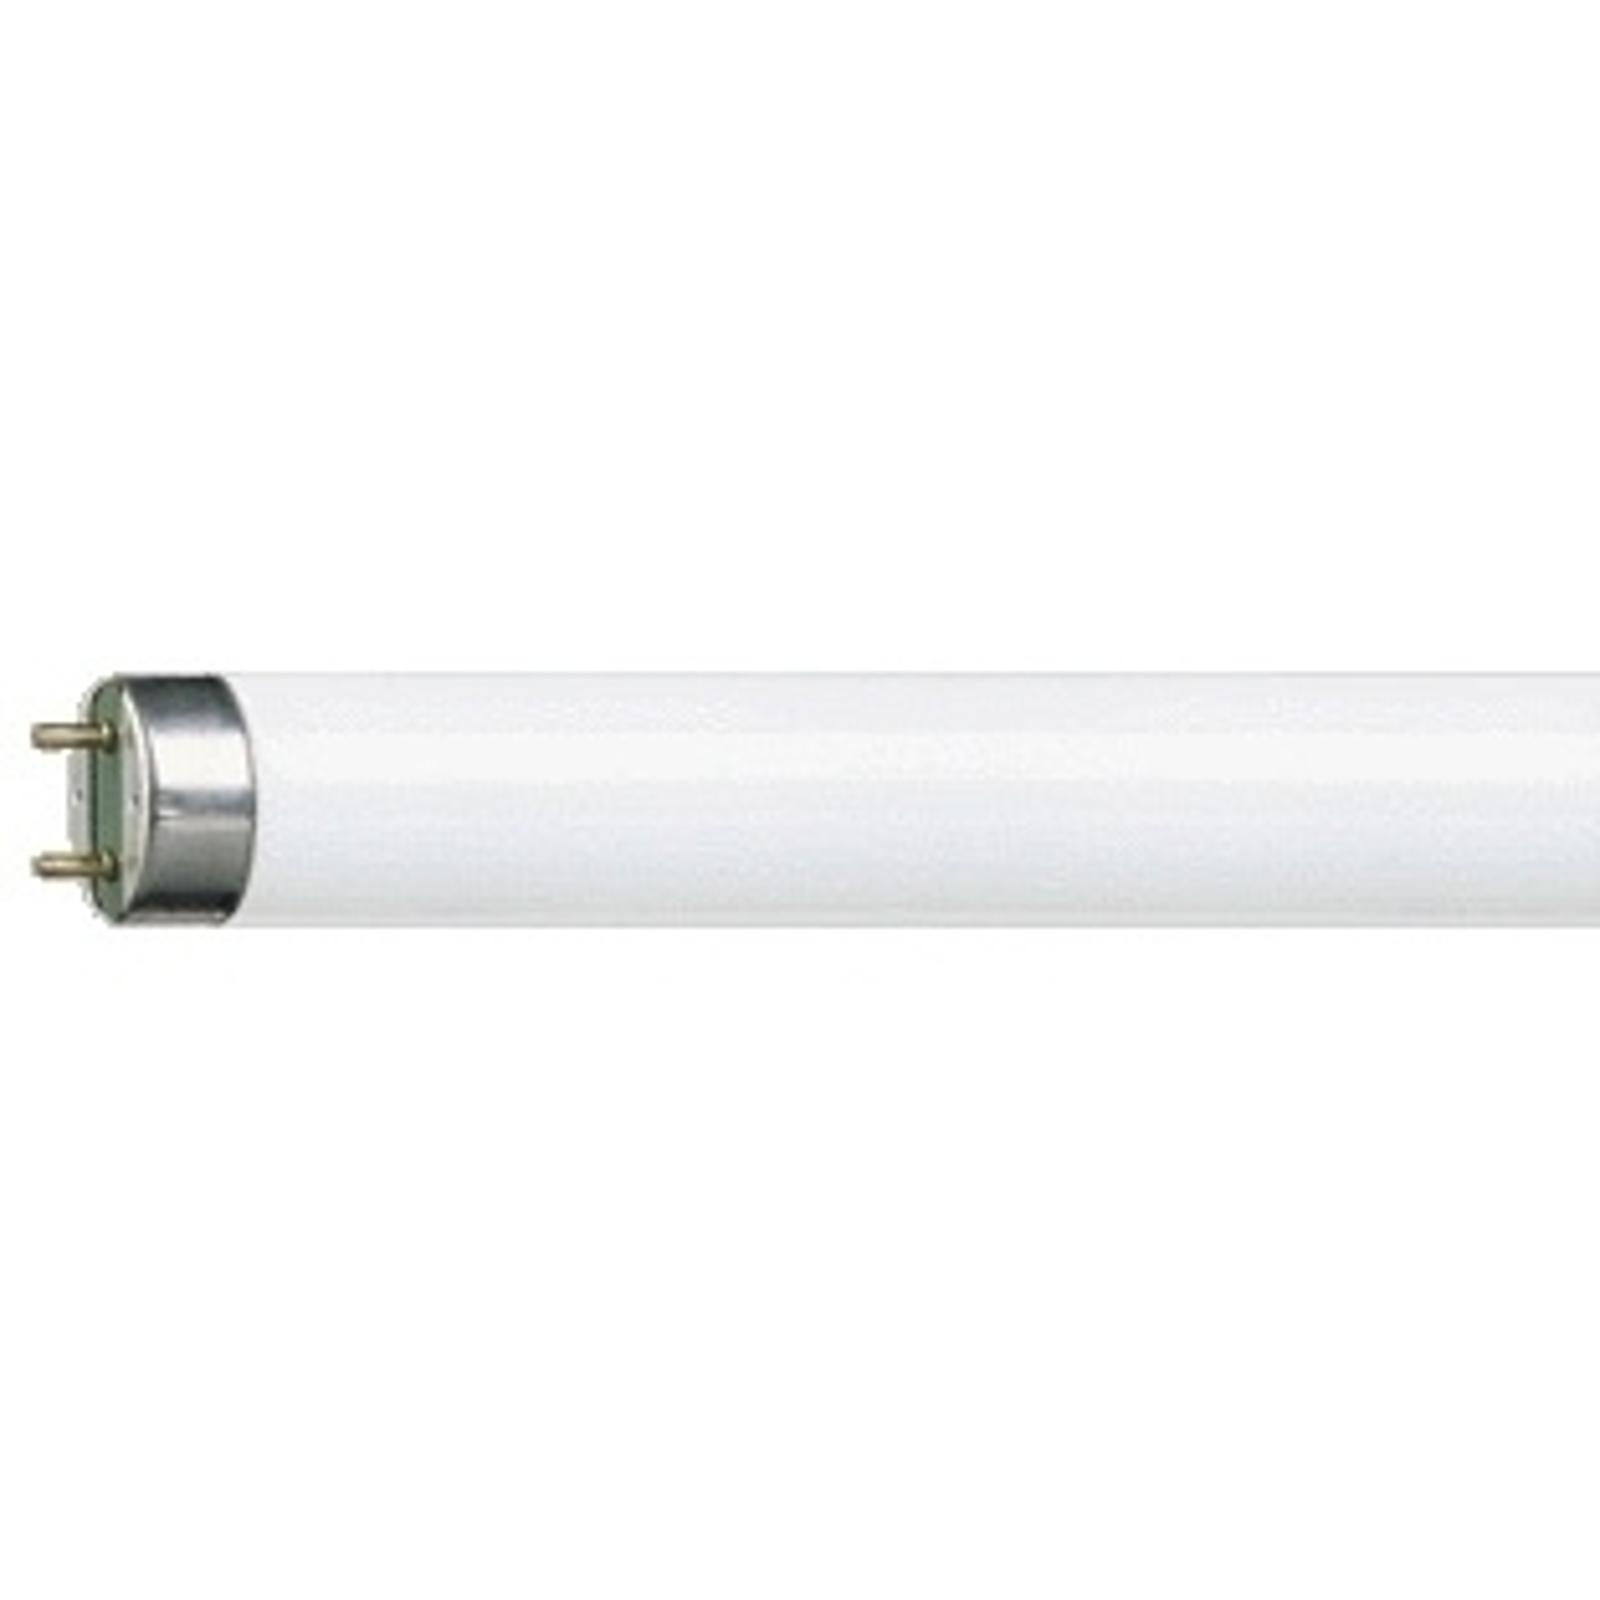 Leuchtstoffröhre G13 T8 18W MASTER TL-D Super 840